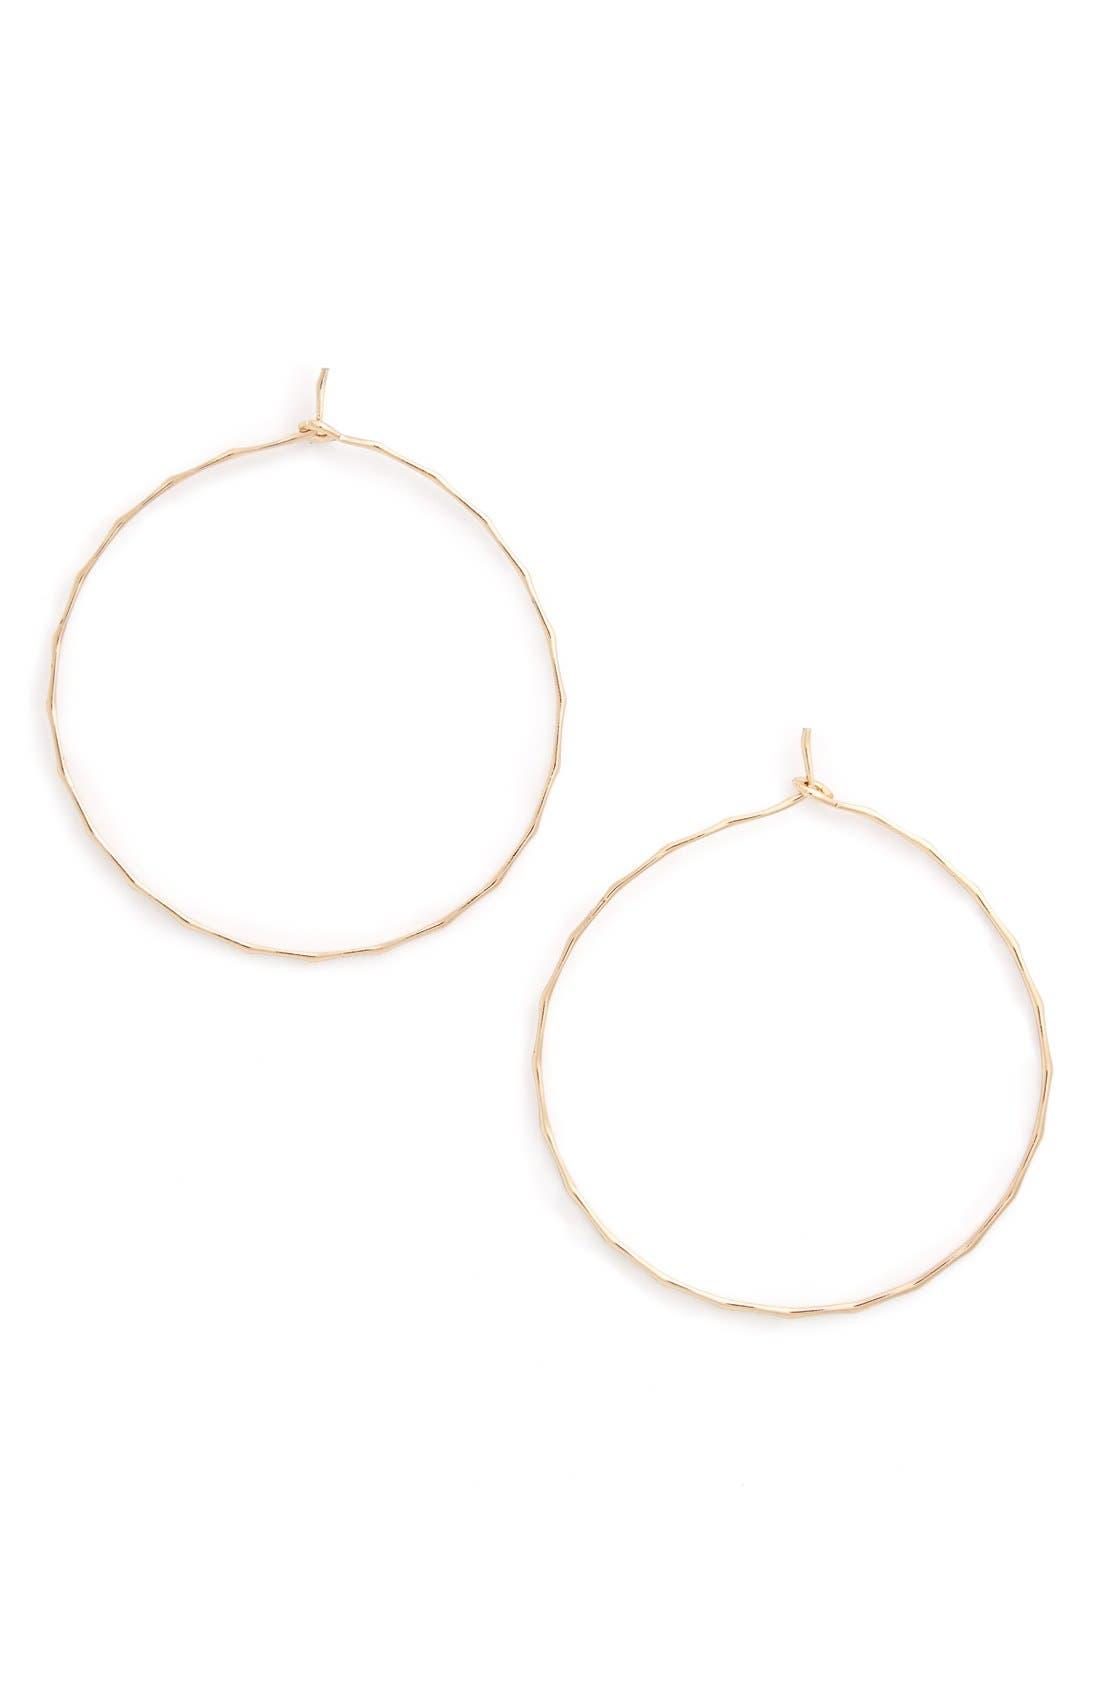 Main Image - BP. Dainty Hammered Hoop Earrings